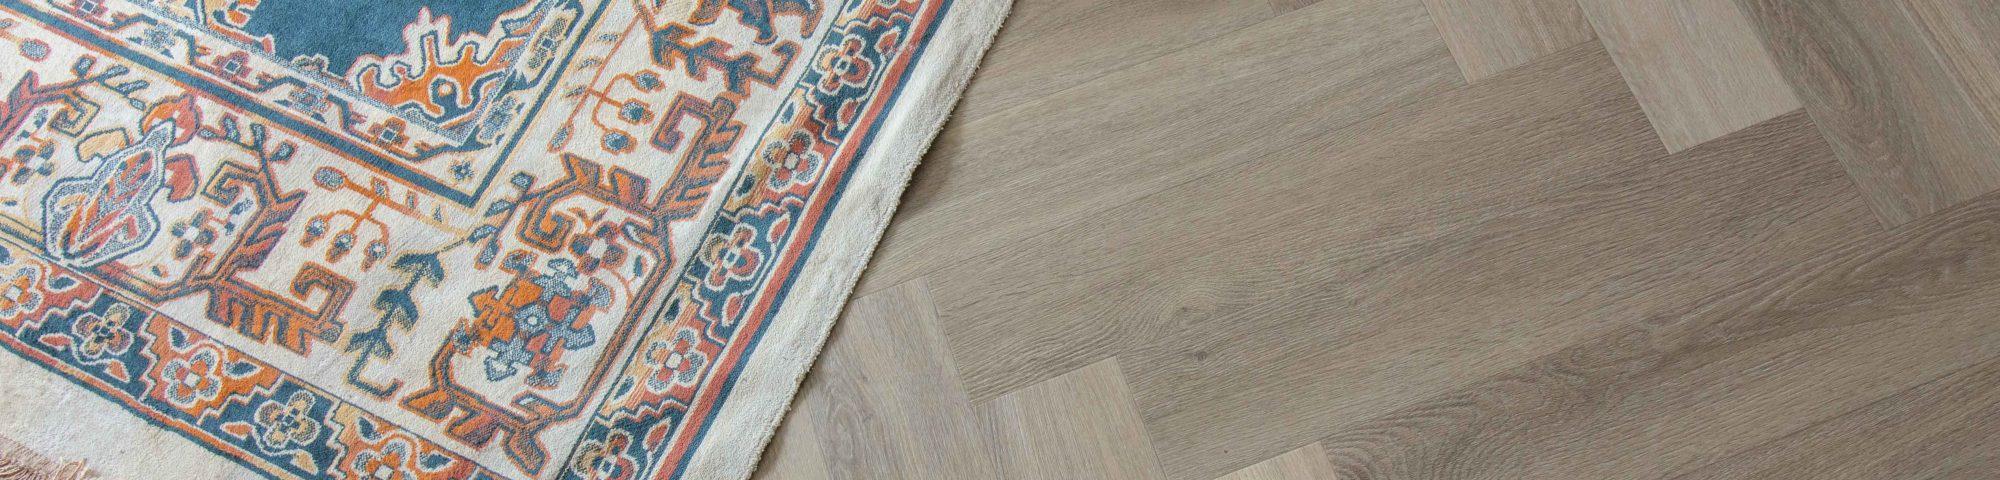 visgraat pvc-vloer met vloerkleed